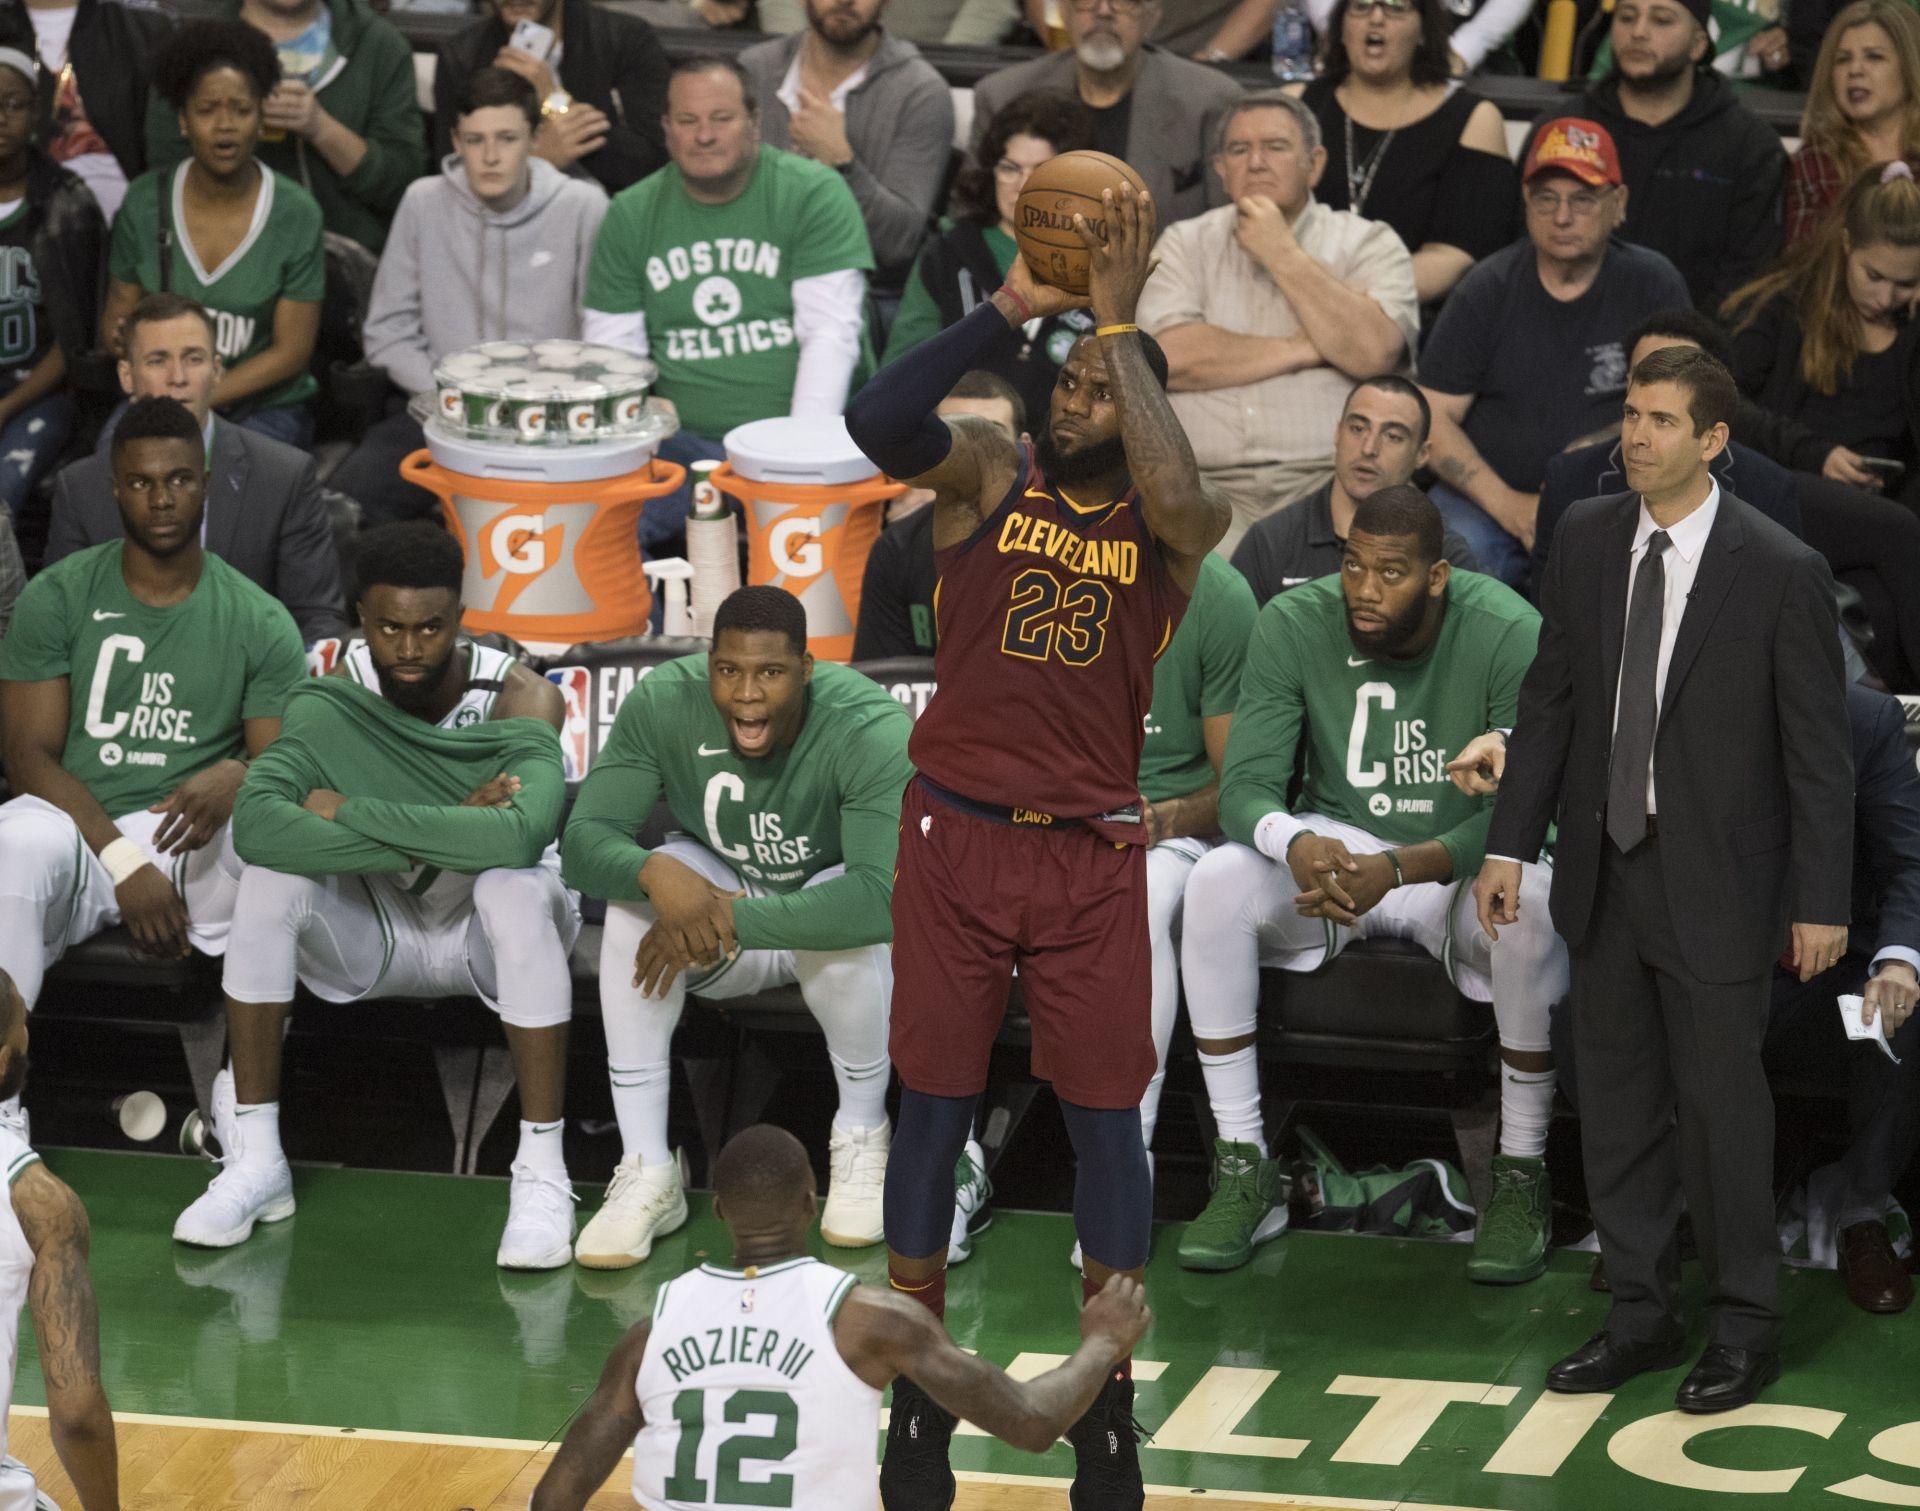 108-83 Brown y Morris ganan a los Cavaliers y Celtics toma ventaja